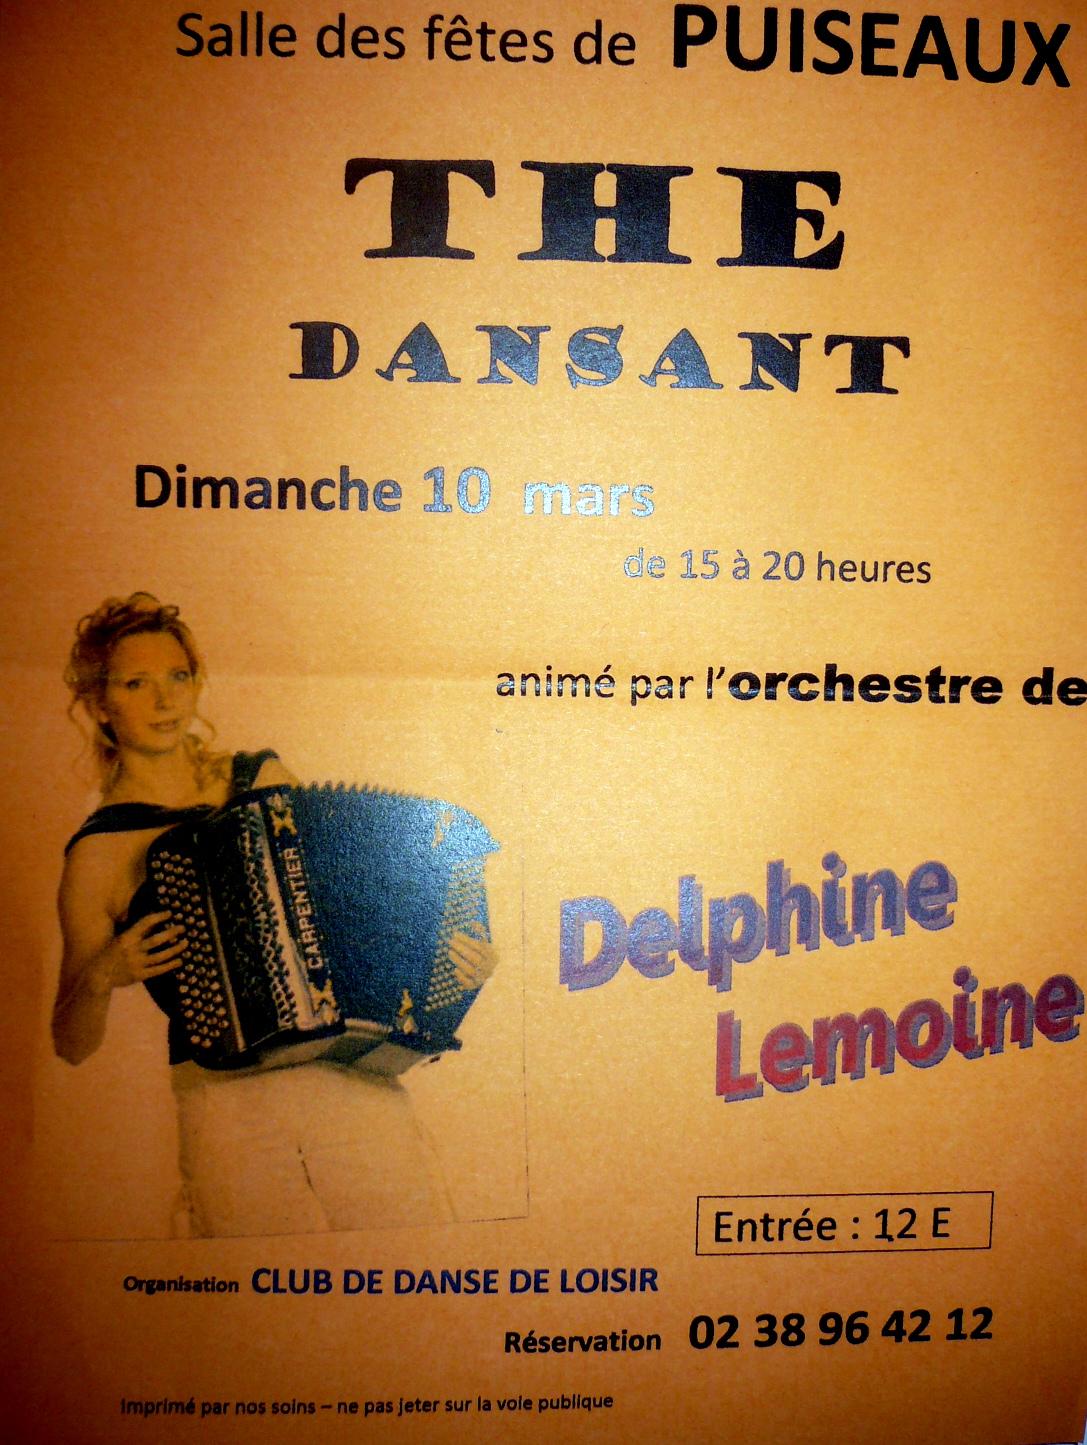 Le blog de la danse de salon rendez vous dansants du 3 au 16 03 2013 - Blog de la danse de salon ...